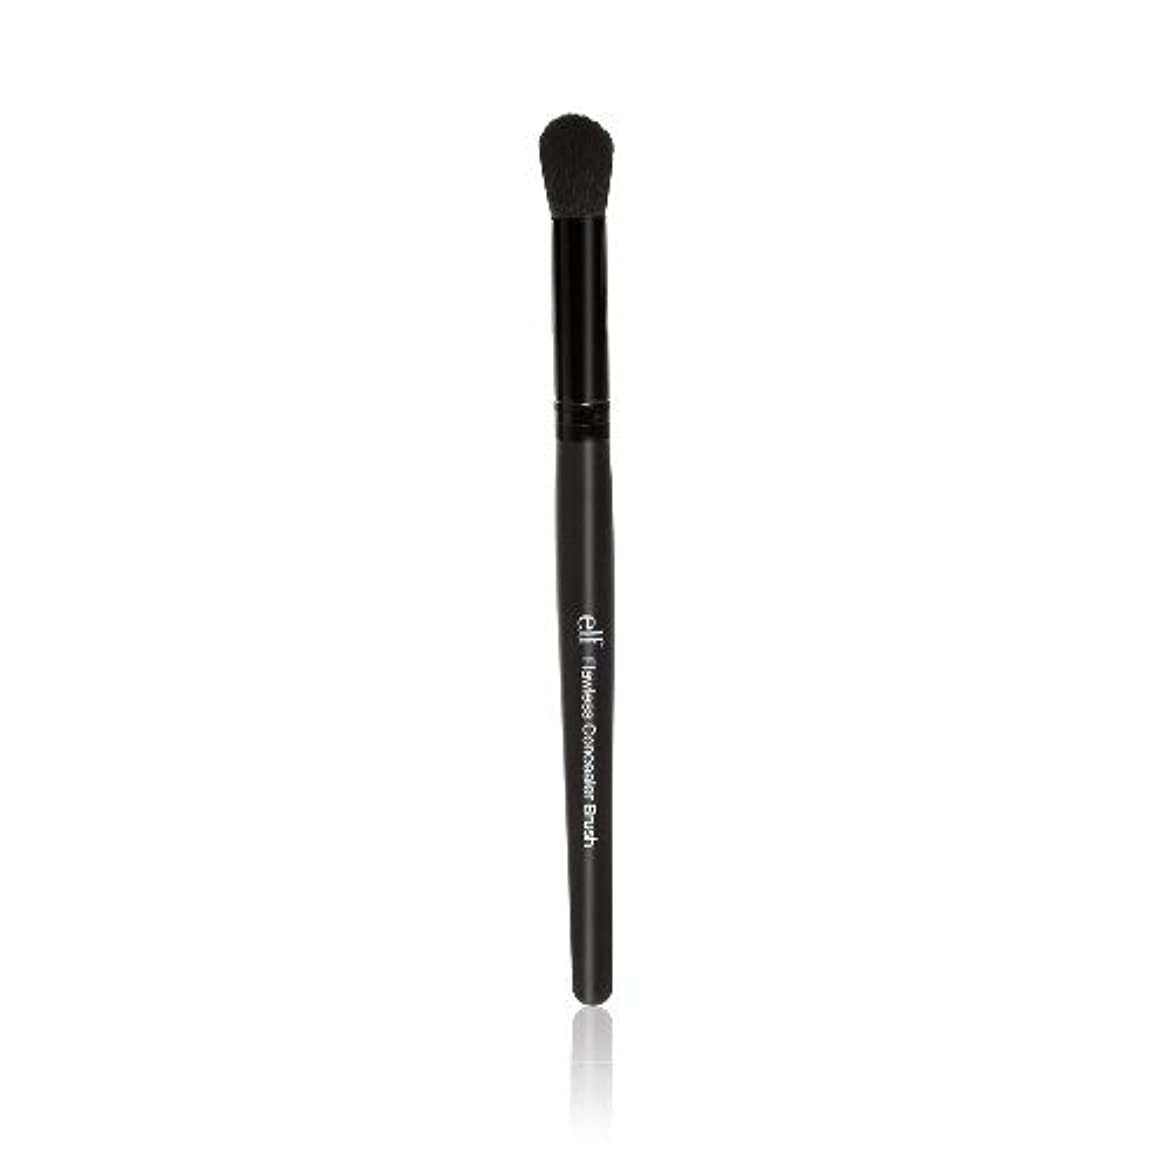 バットバイオリニスト脆い(3 Pack) e.l.f. Studio Flawless Concealer Brush - Flawless Concealer Brush (並行輸入品)